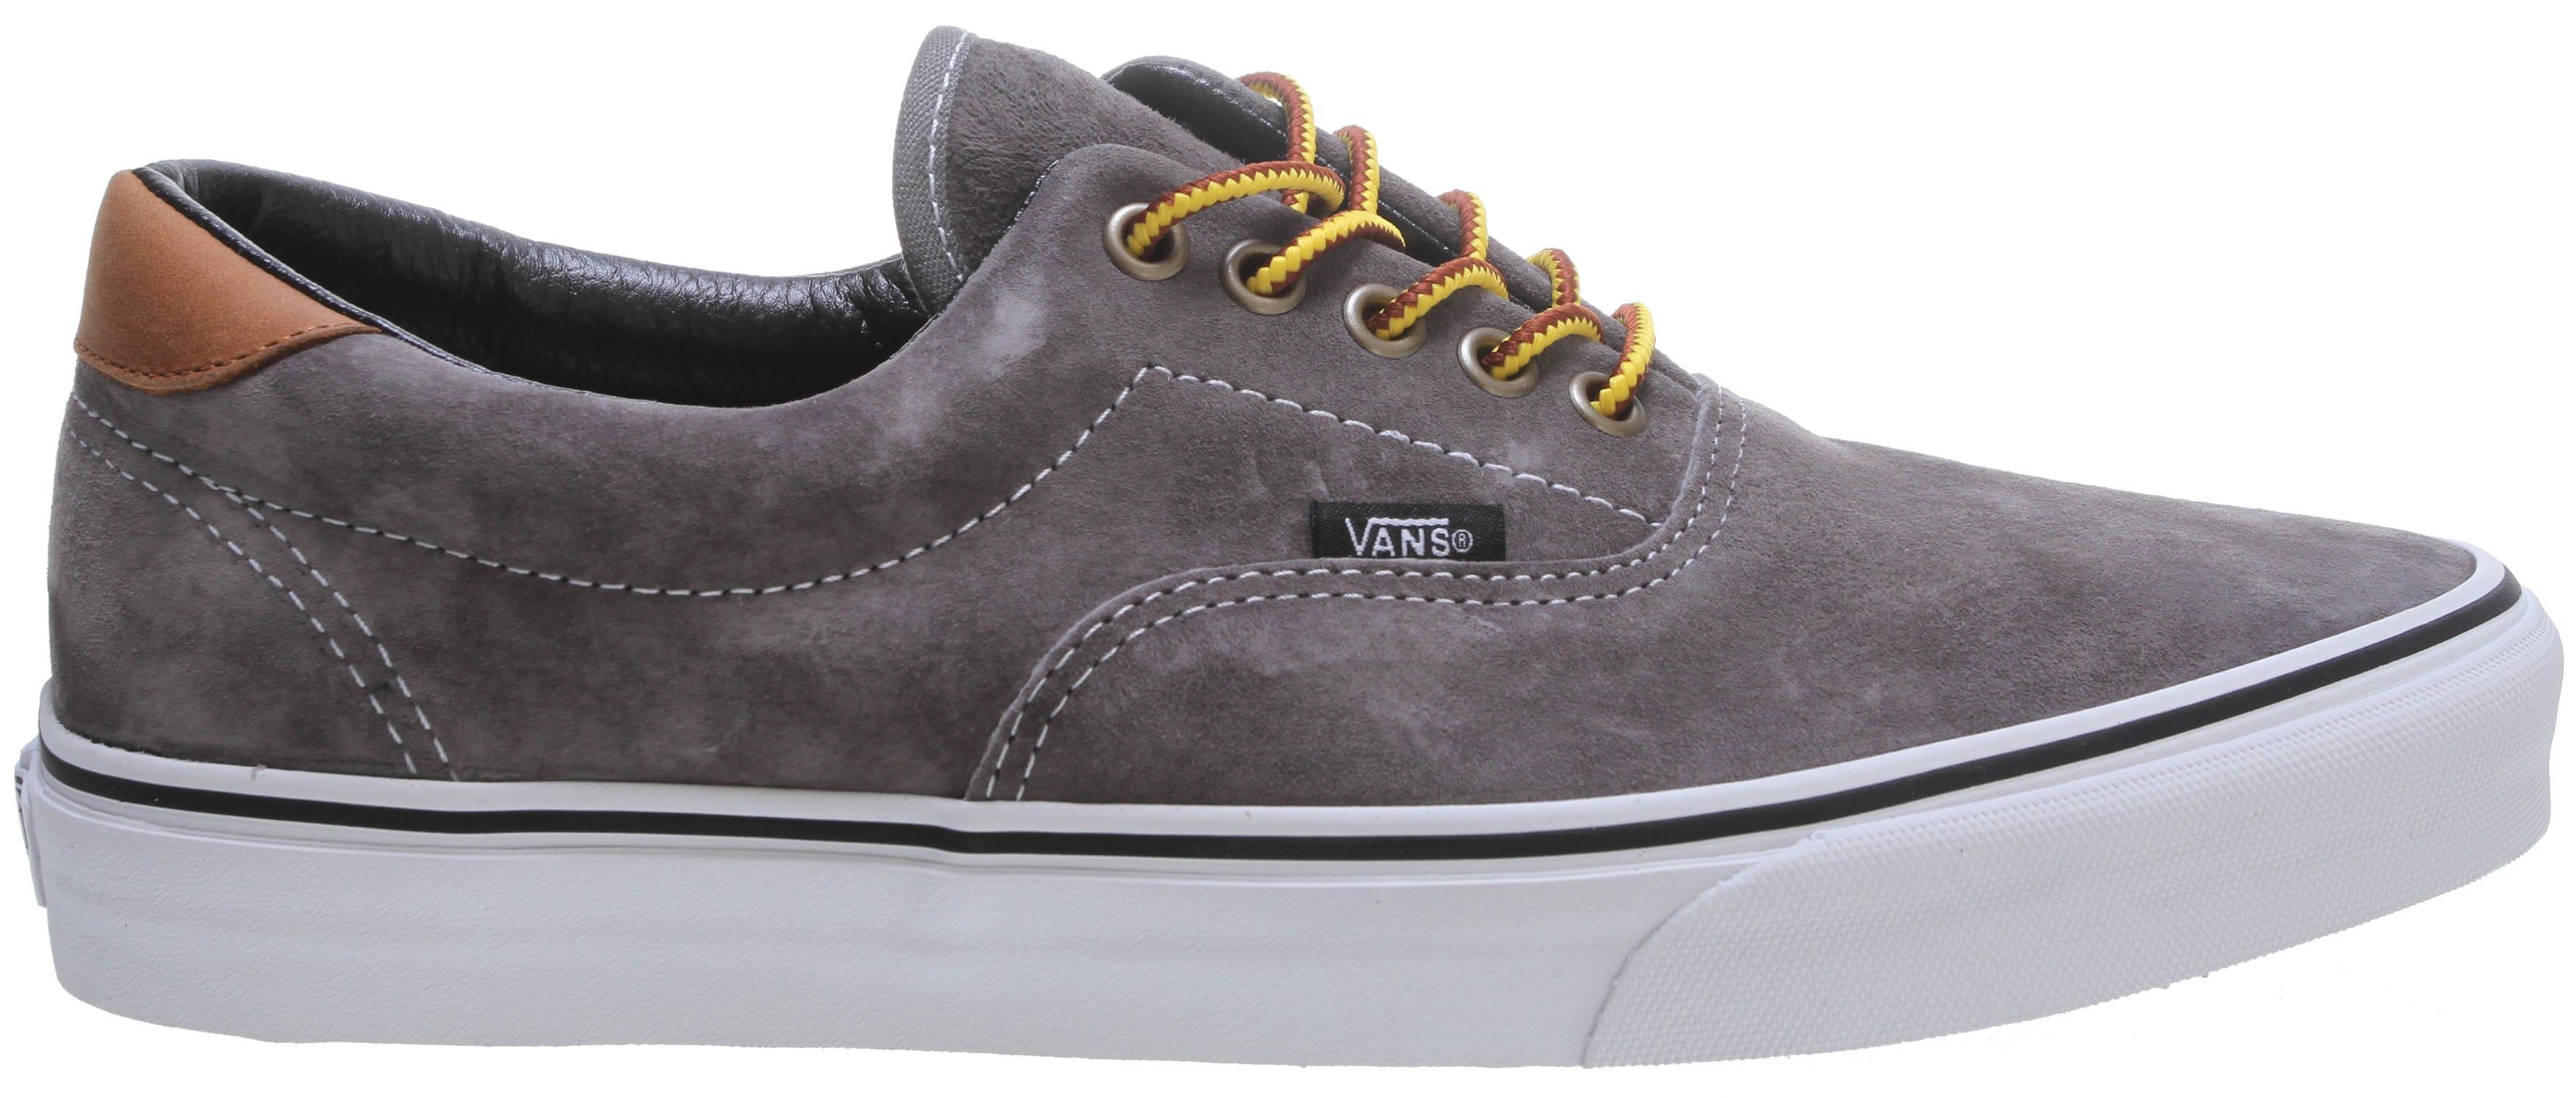 Vans Era 59 Skate Shoes - thumbnail 1 fde2e045b